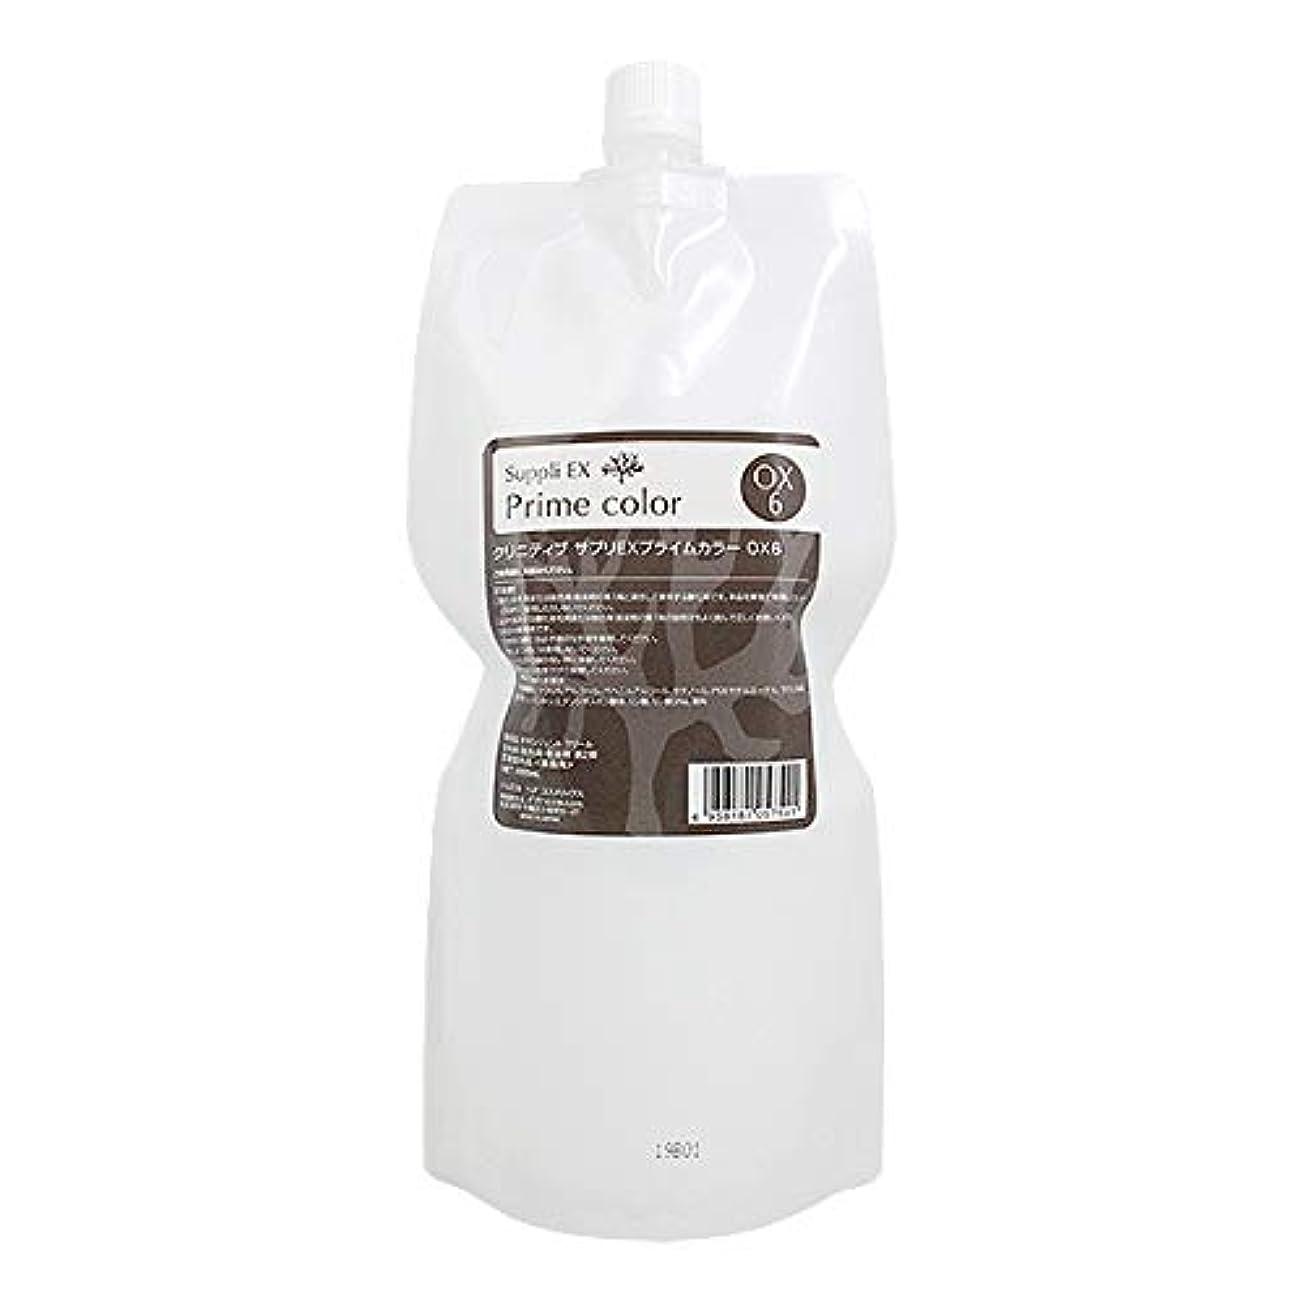 全員同級生欲しいですイリヤ化学 クリニティブ サプリEXプライムカラー アテンド(染毛補助クリーム) 300g